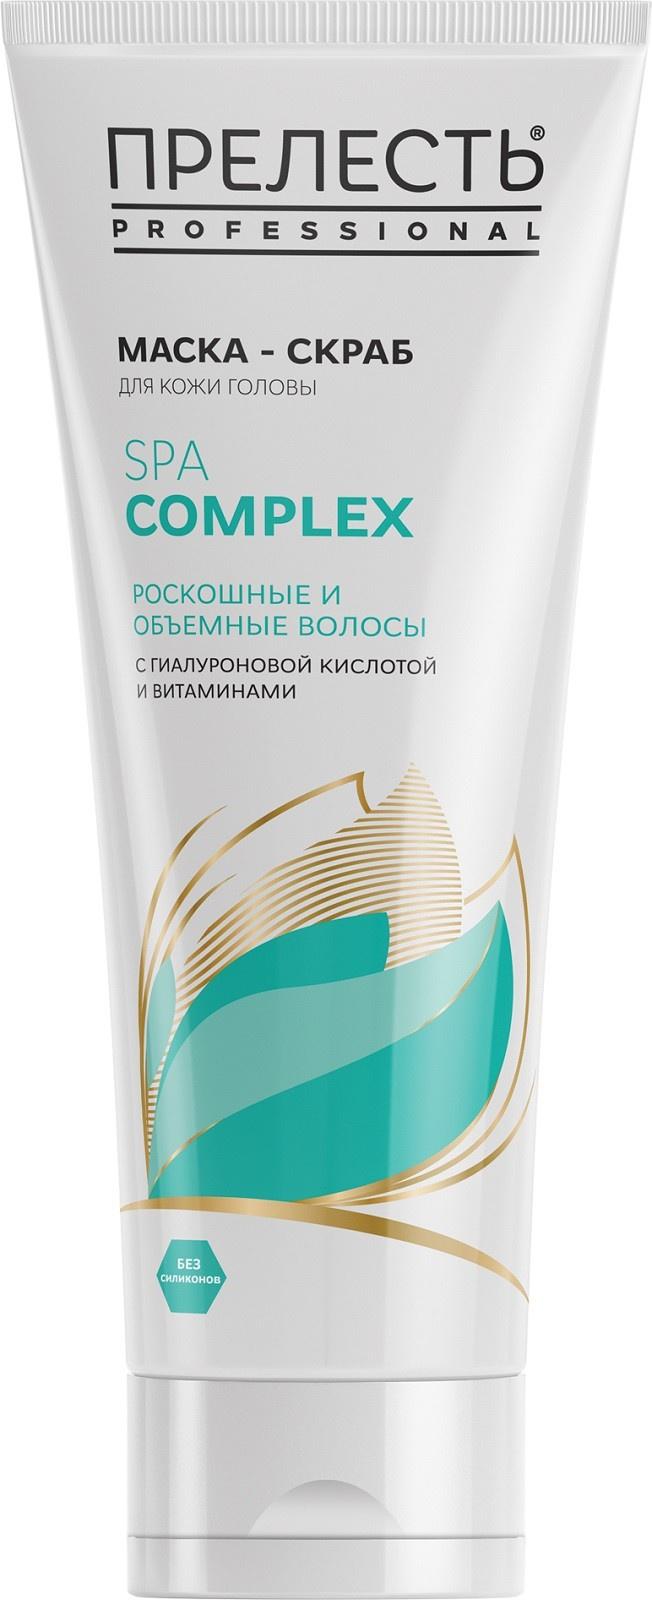 Maska-dlya-volos-Prelestq-Professional-SPA-Complex-Zawita-ot-vozdejstviya-vneshnih-faktorov-Stimulirovanie-rosta-volos-Svezhestq-do-48-chasov-250-ml-1